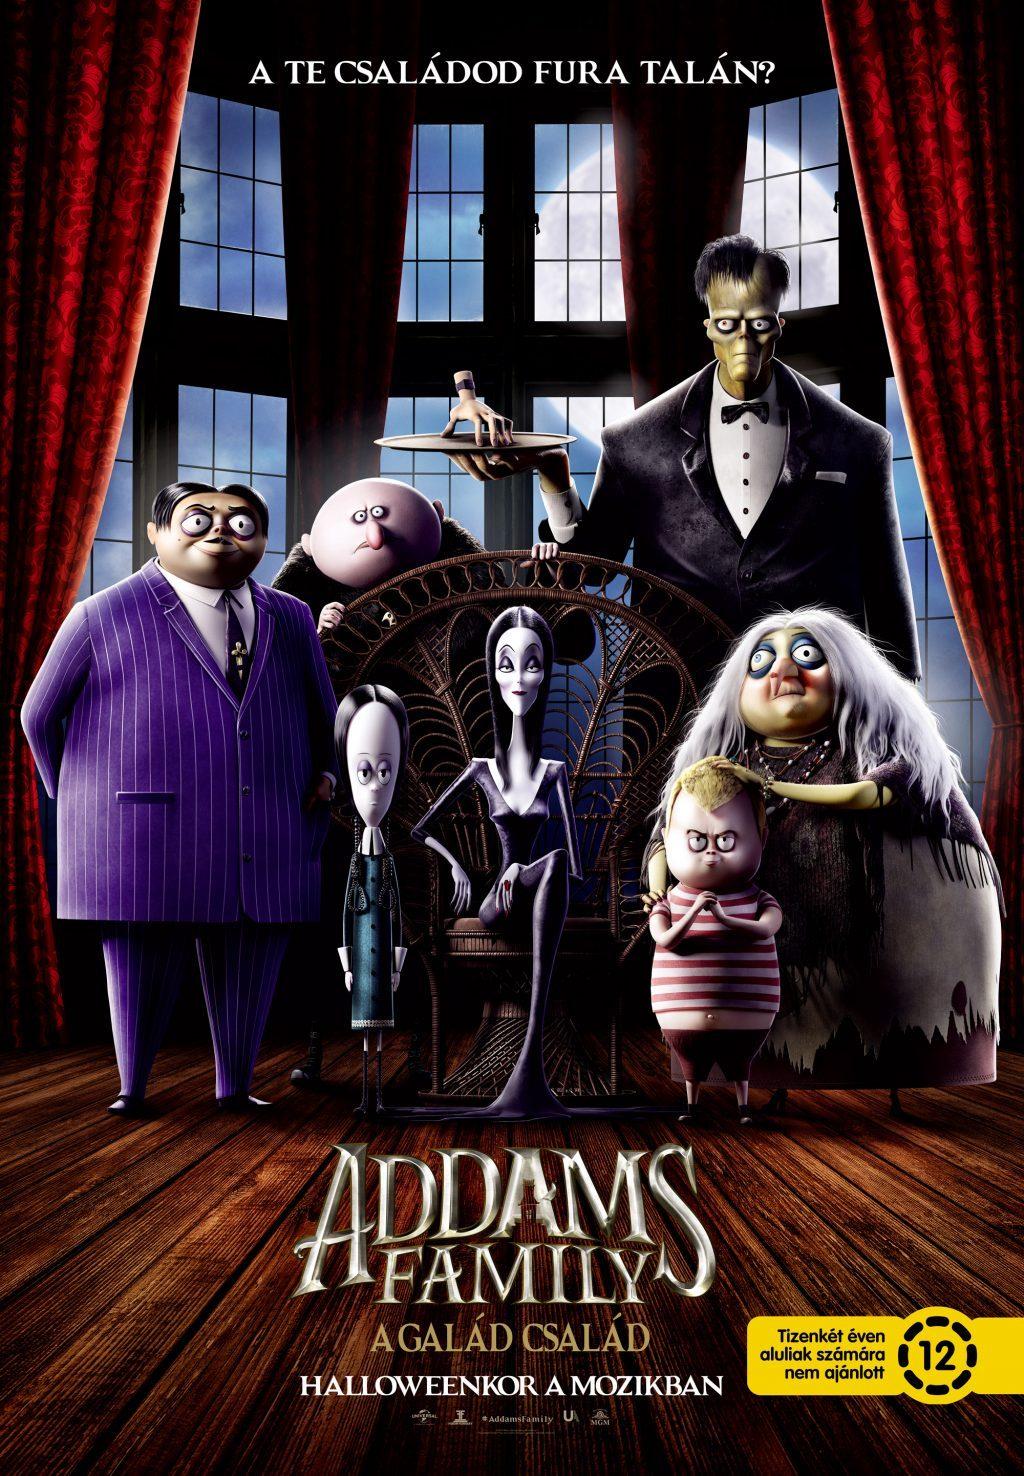 Addams Family – A galád család